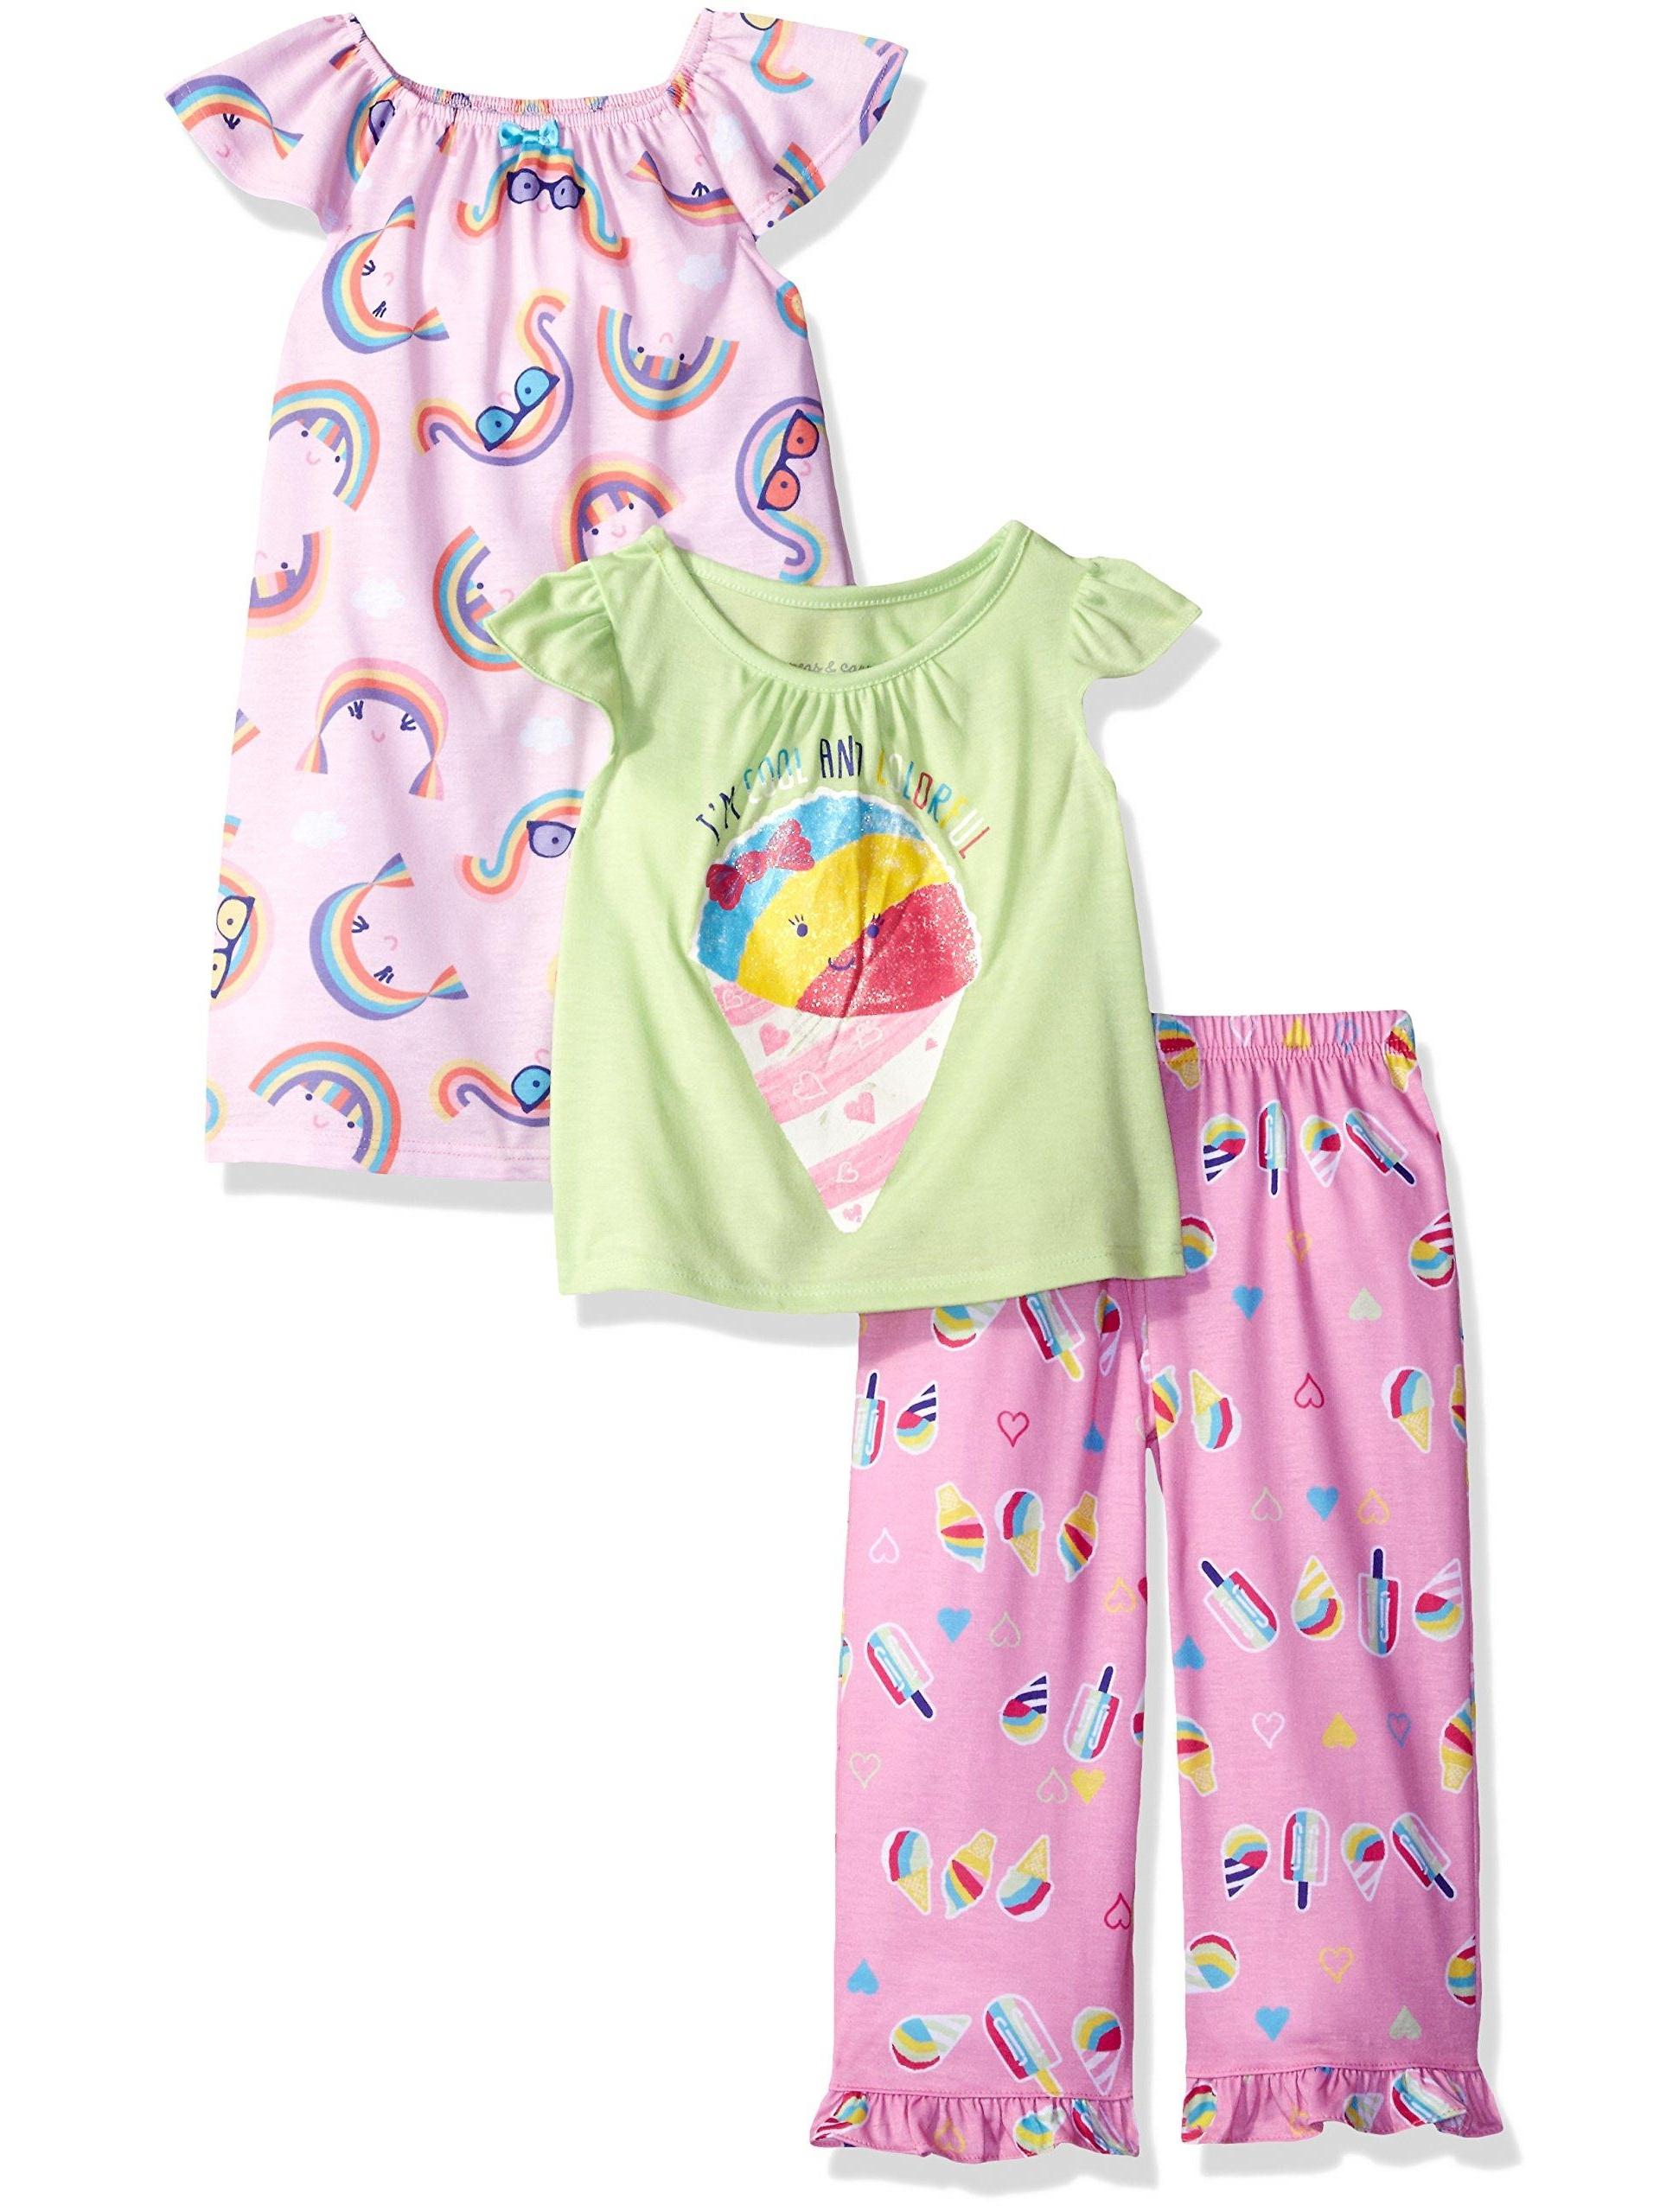 Toddler Girls' 3 Pc Sleepwear Set